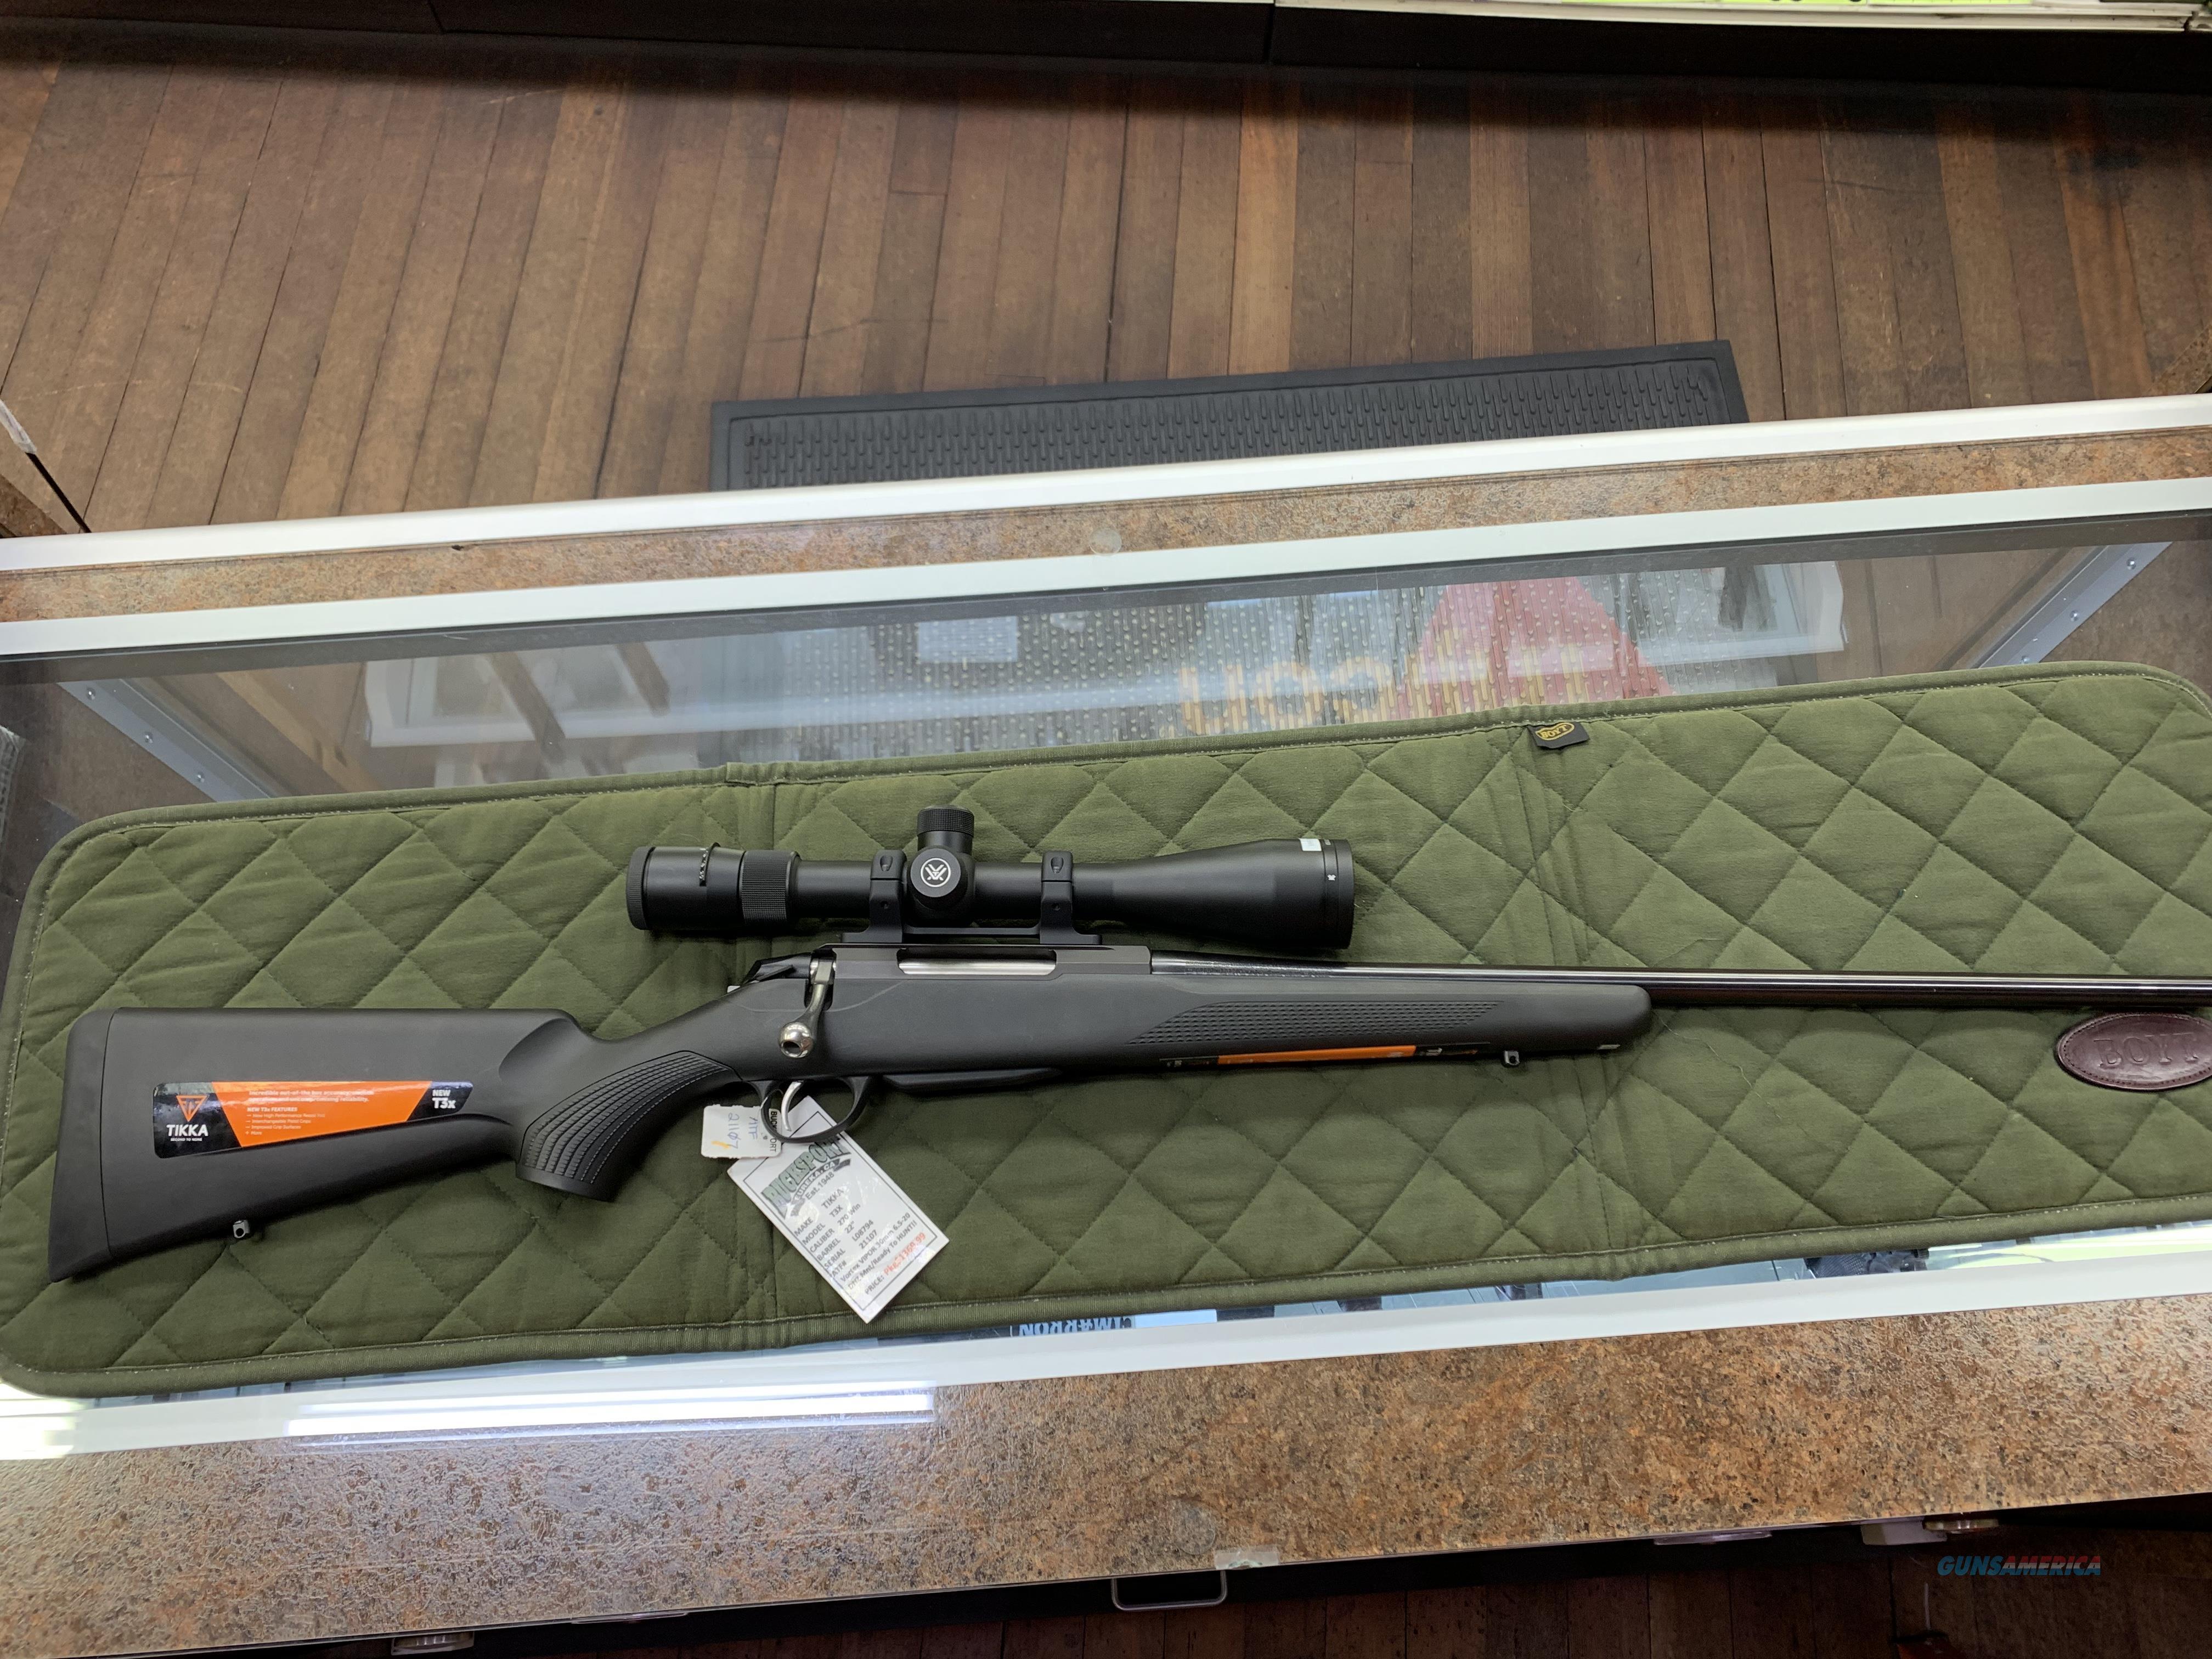 Tikka T3x 270 win.  Guns > Rifles > Tikka Rifles > T3